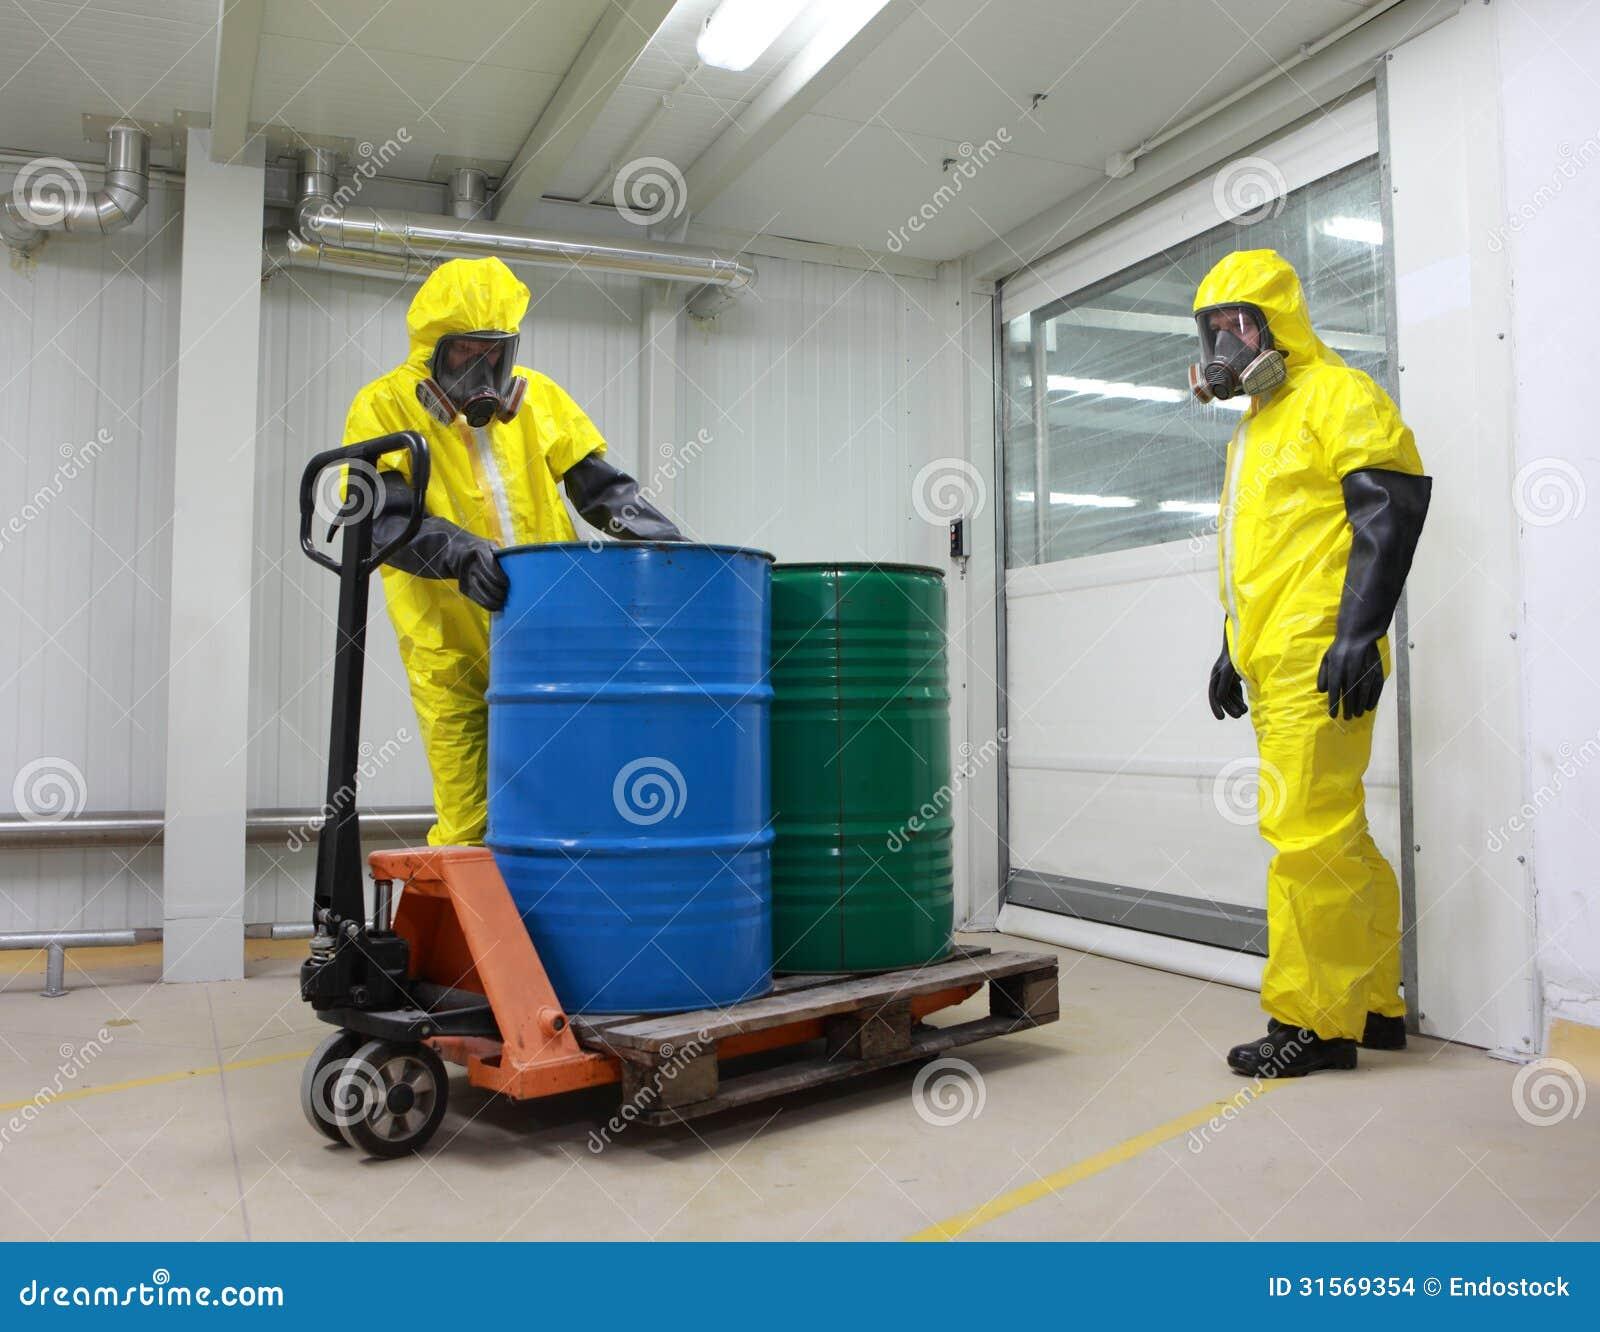 Εργαζόμενοι στις προστατευτικές στολές με τα βαρέλια της τοξικής ουσίας